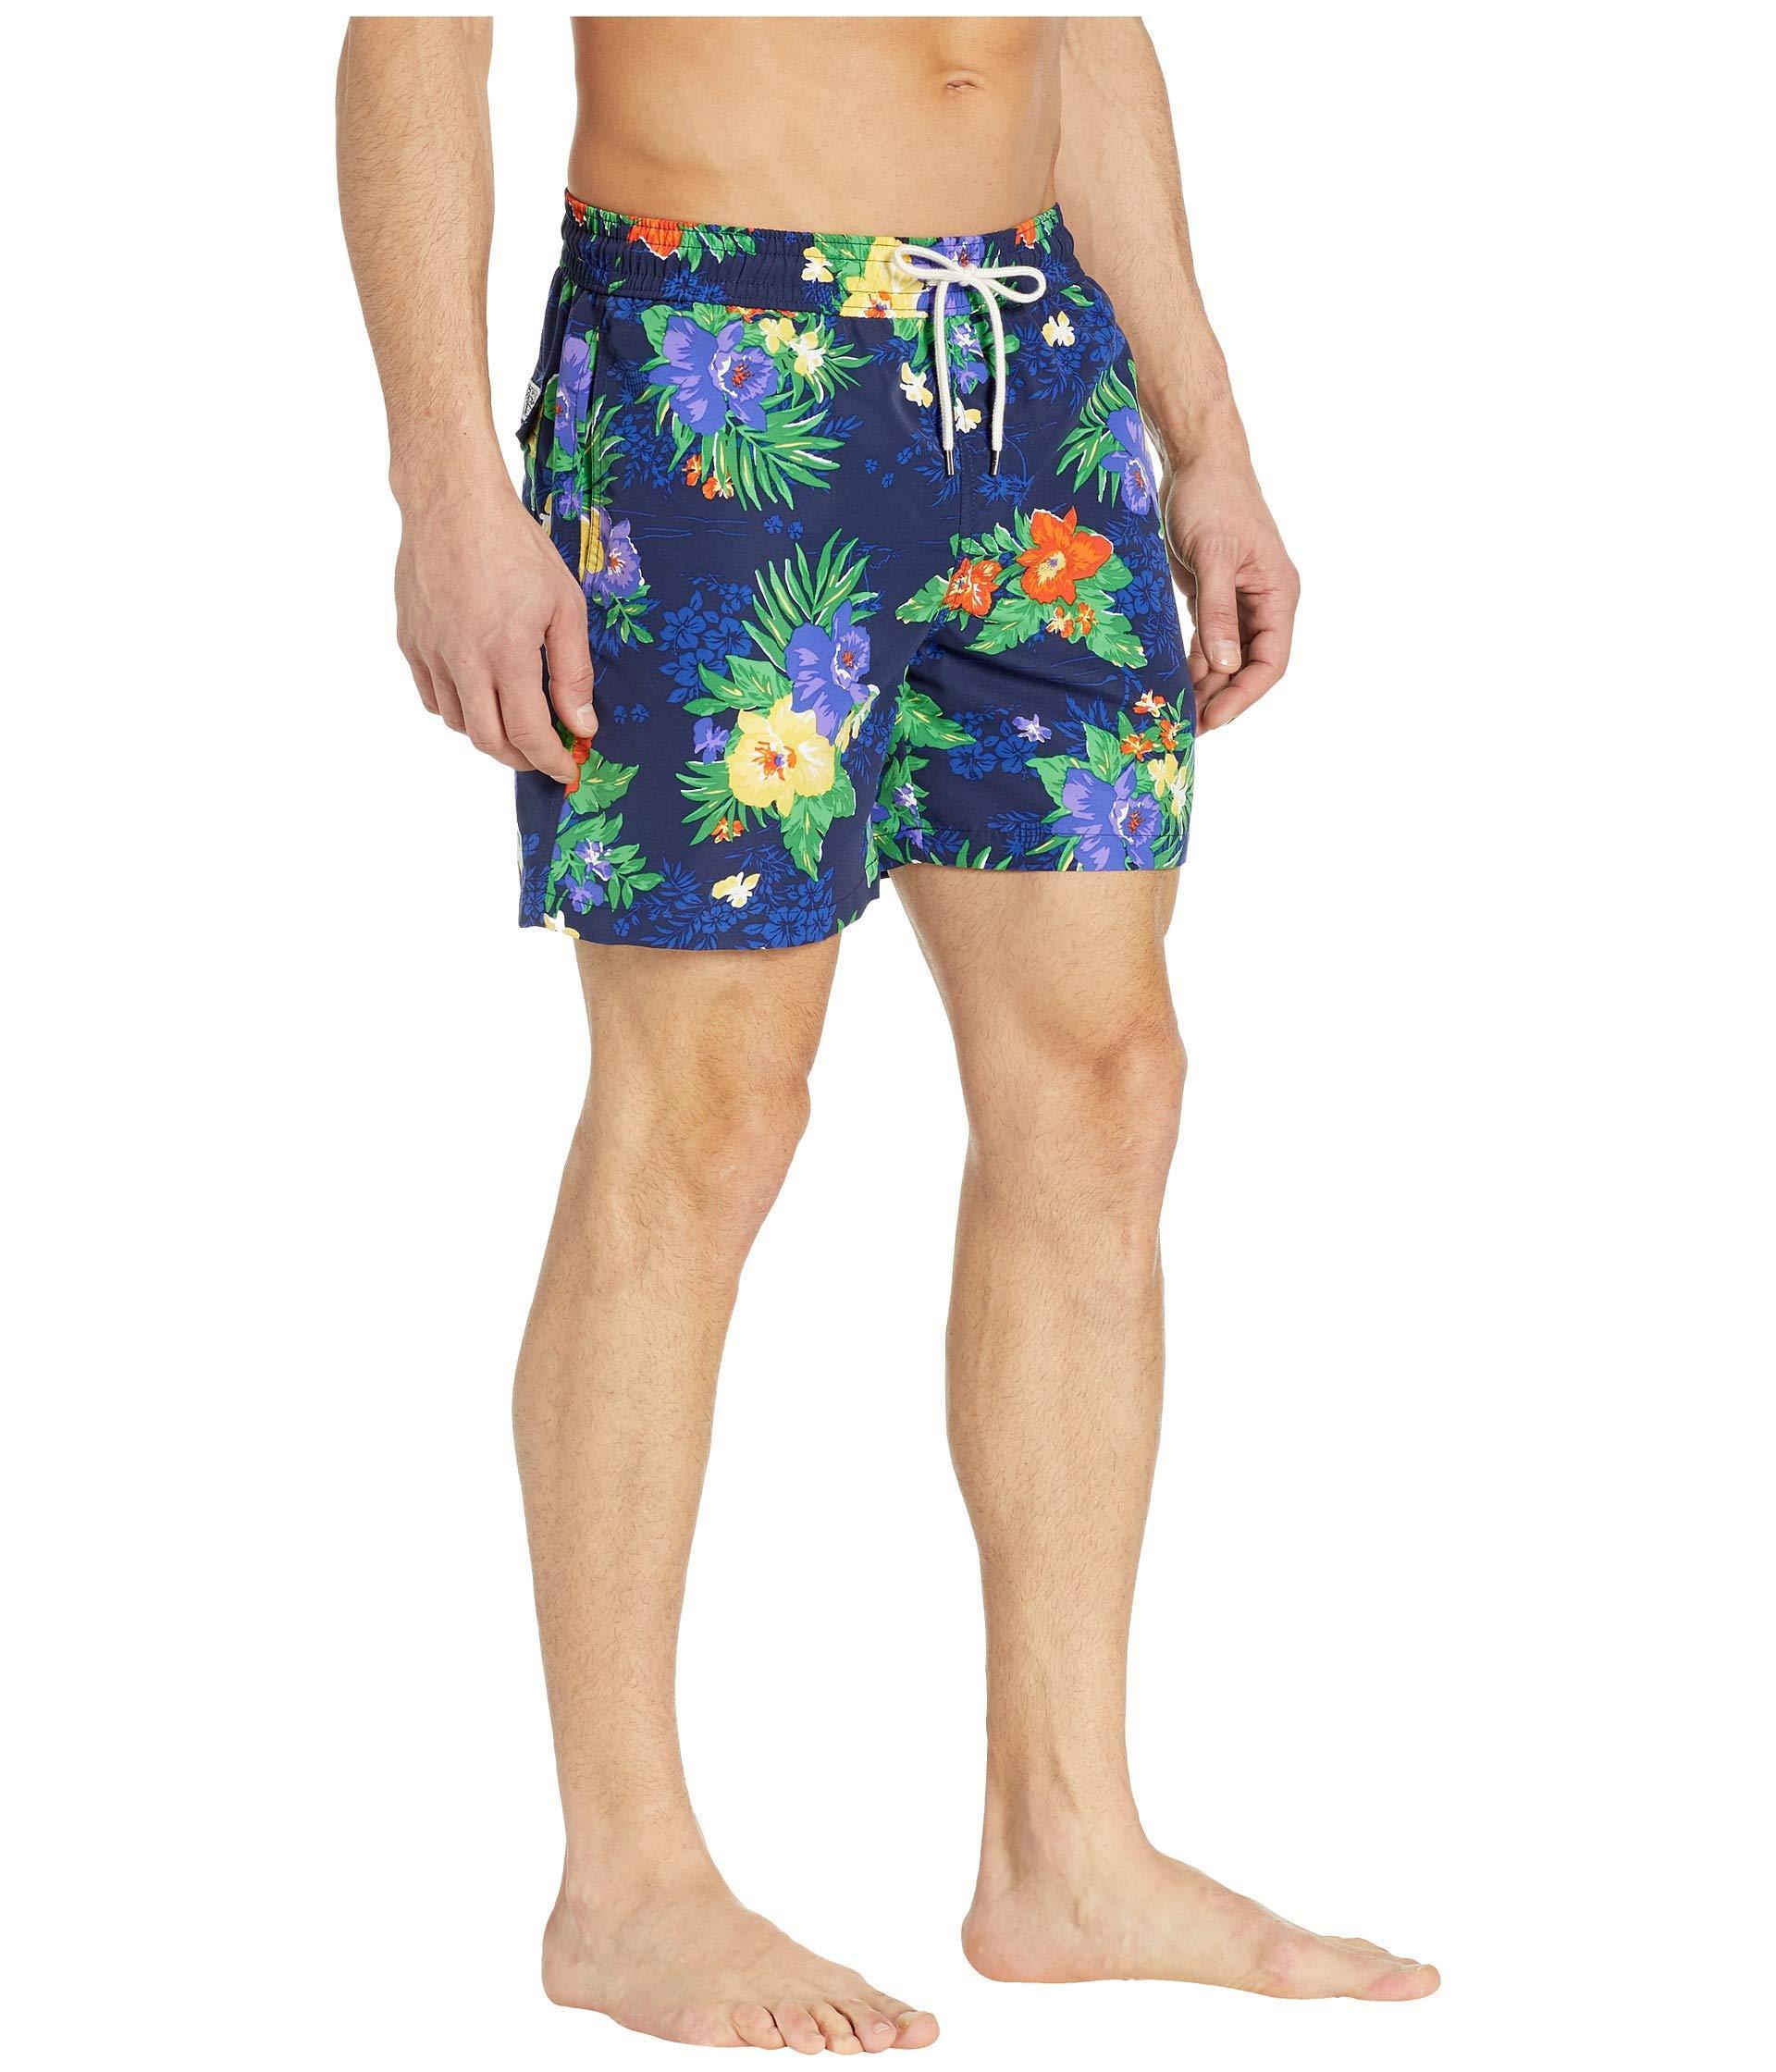 701739ad1e Polo Ralph Lauren - Blue Traveler Swim Trunks (carribean Floral) Men's  Swimwear for Men. View fullscreen